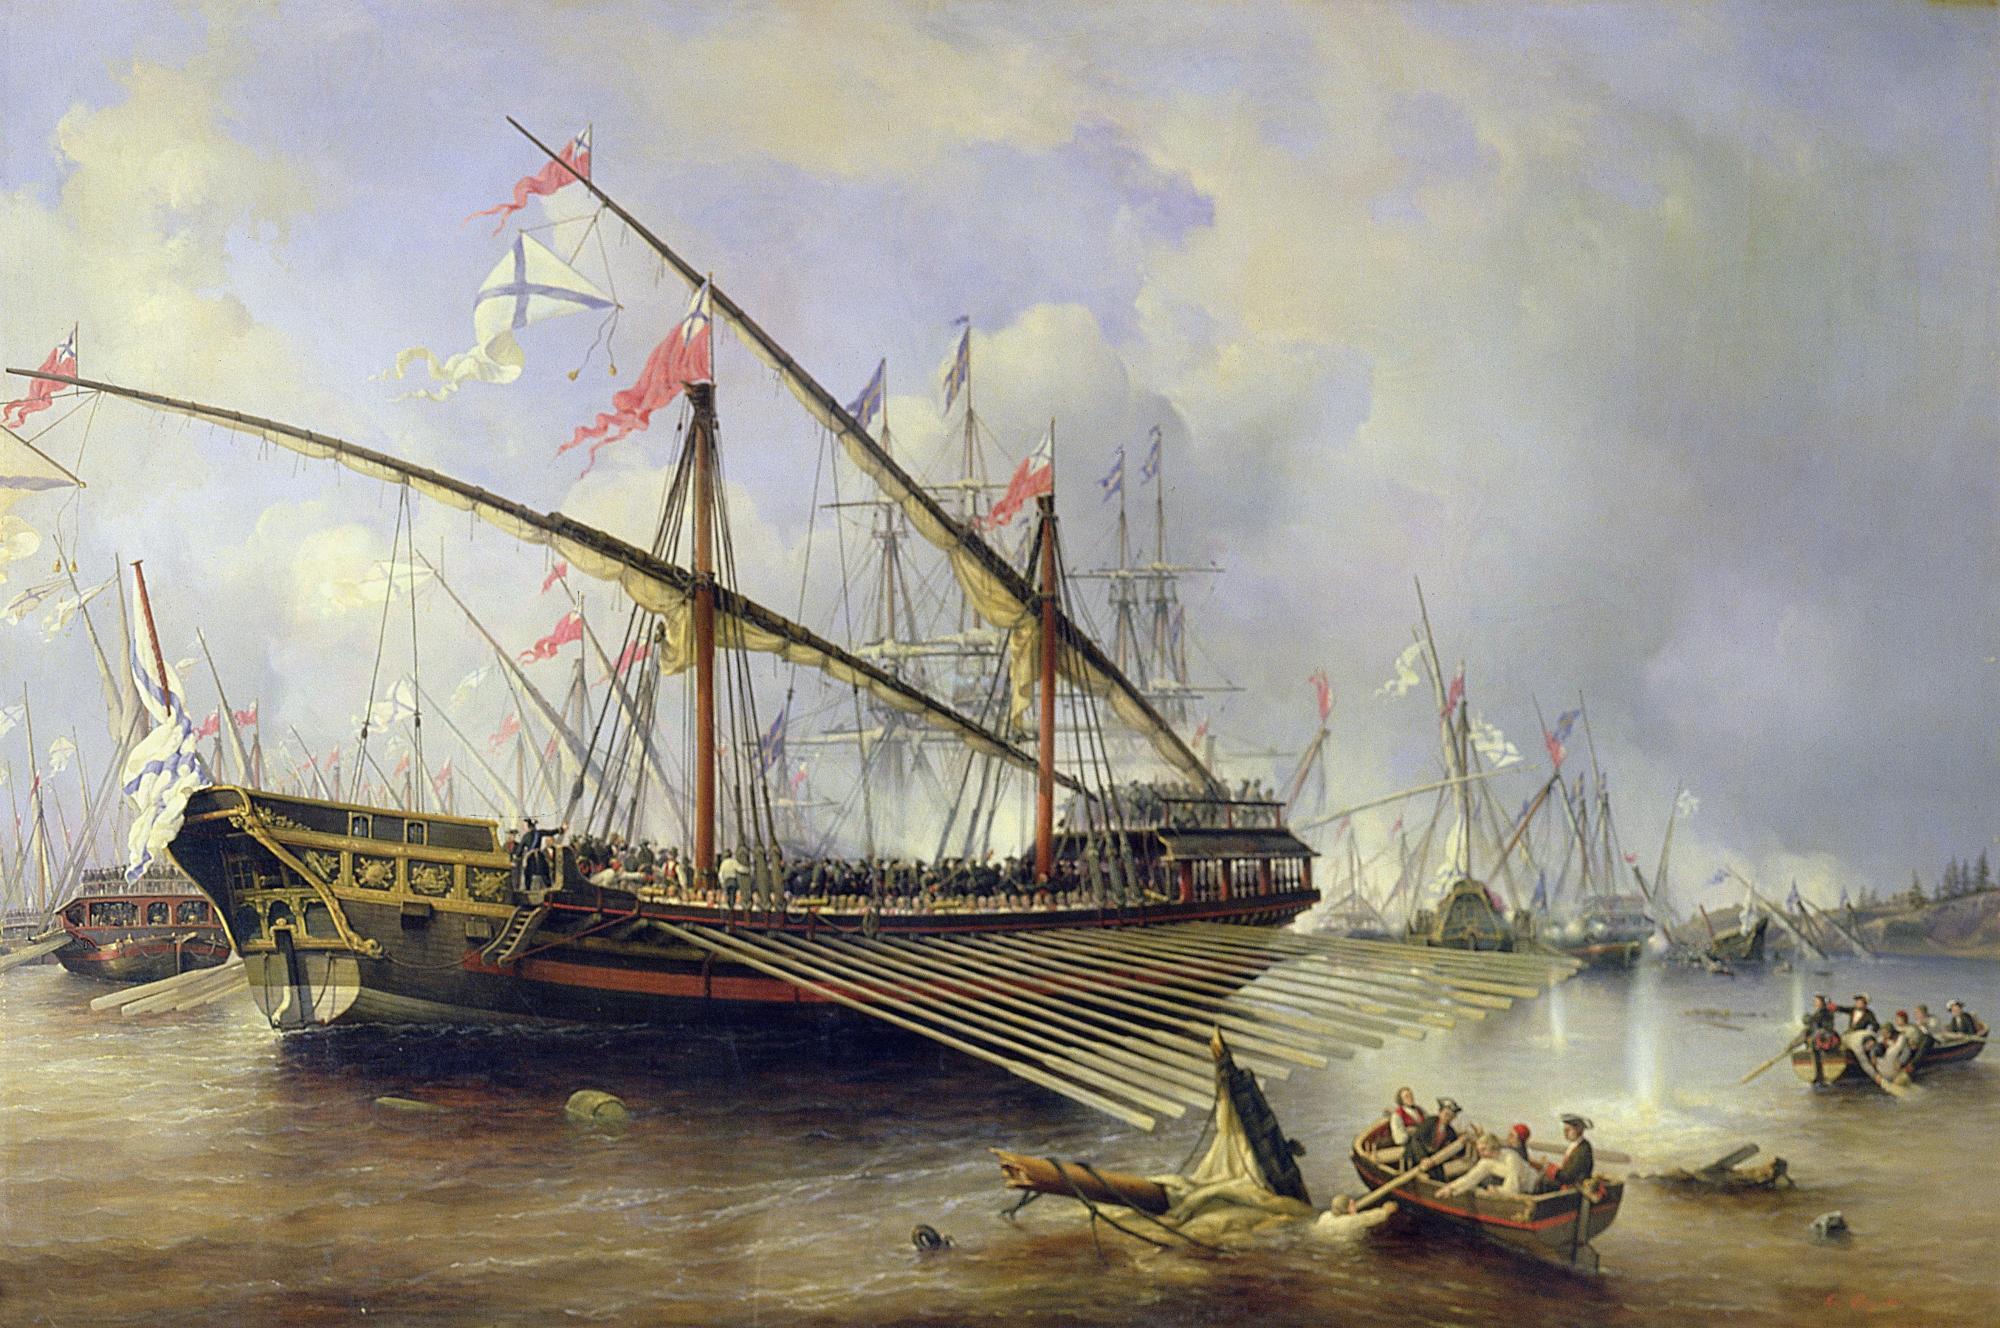 Ferdinand Victor Perrots målning av en större rysk galär vid slaget i Föglöfjärden 1720. Målningen utfördes i början av 1800-talet. Marinmuseum i Sankt Petersburg.